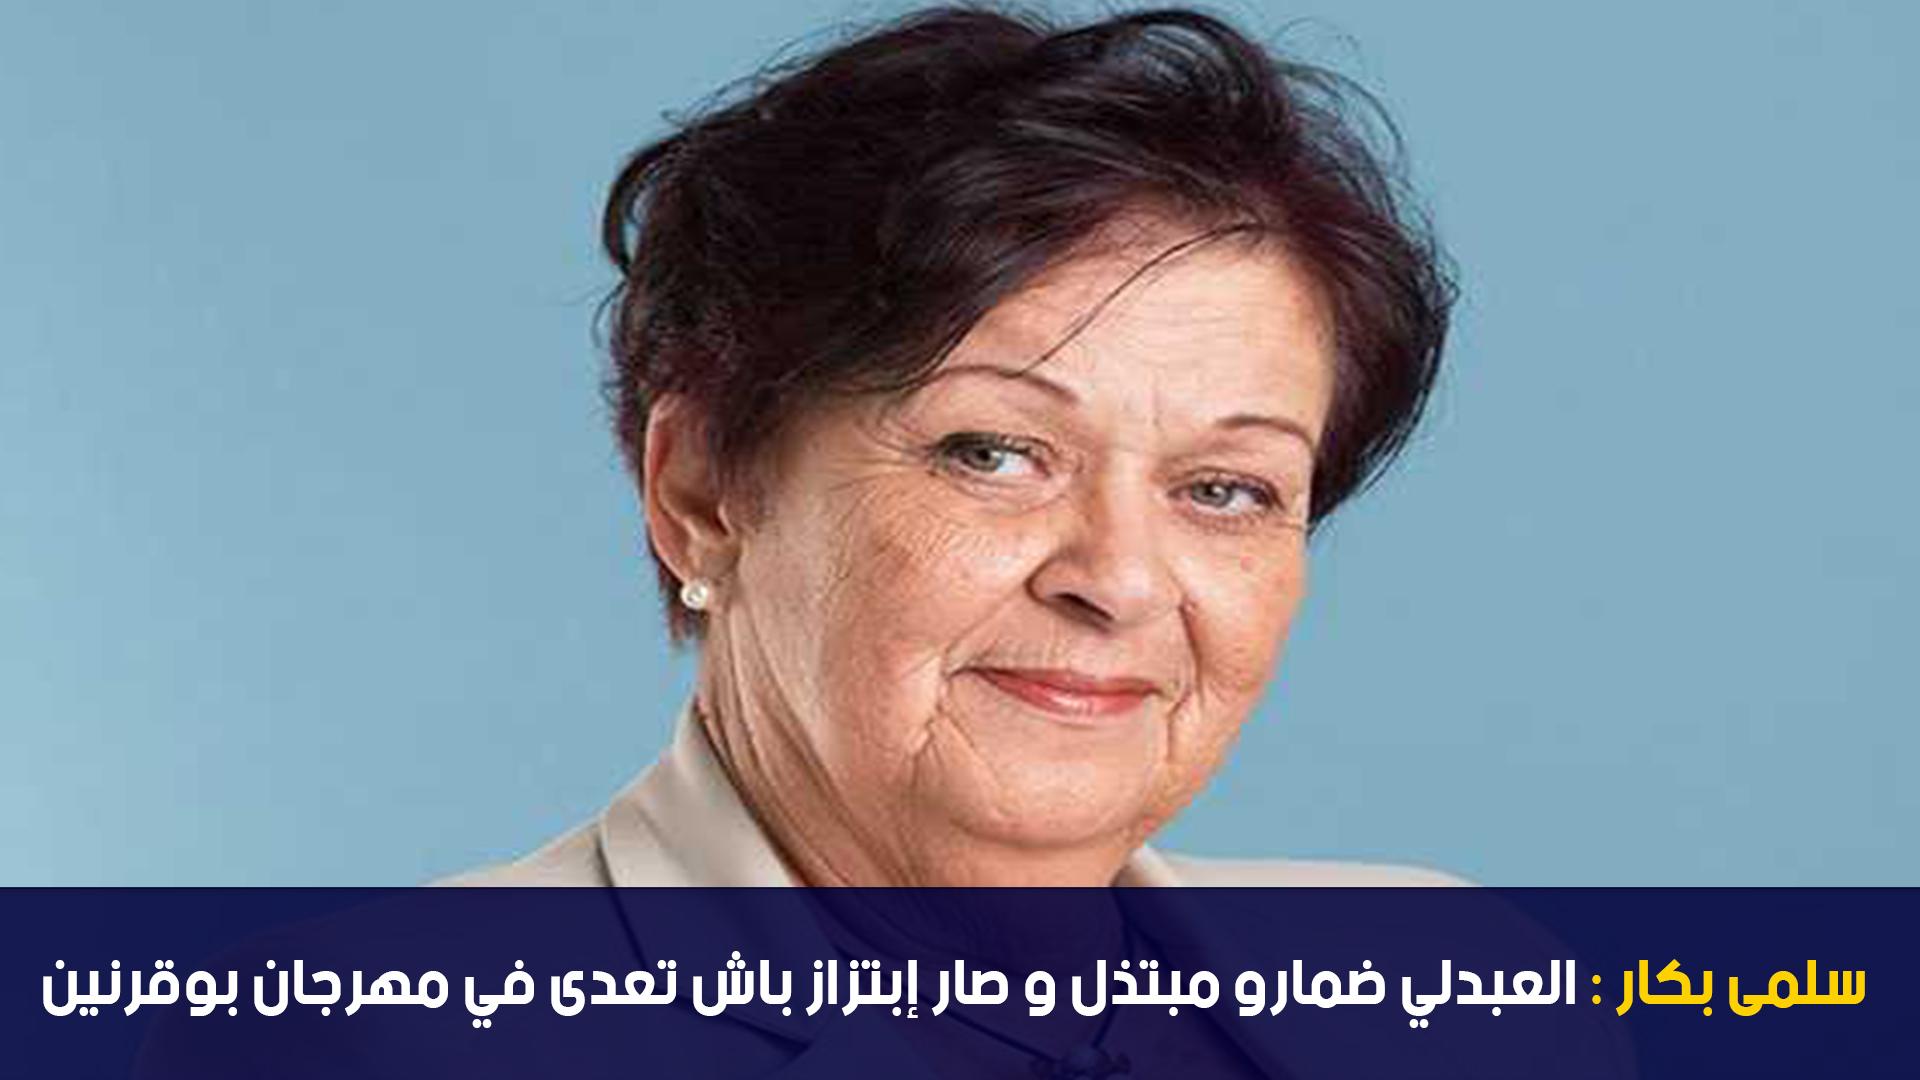 سلمى بكار : العبدلي ضمارو مبتذل و صار إبتزاز باش تعدى في مهرجان بوقرنين